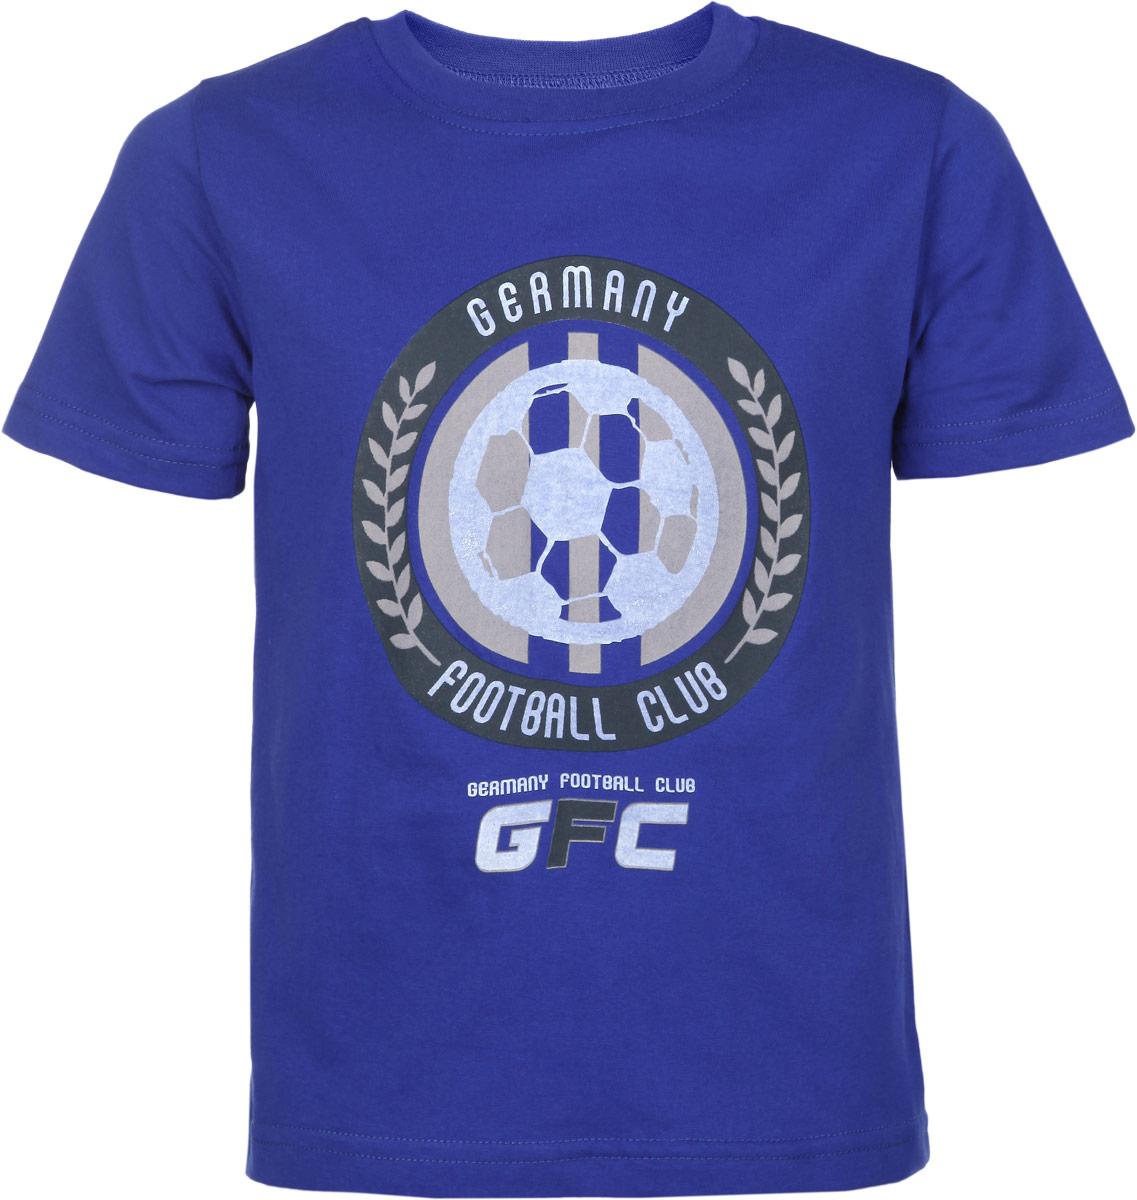 Футболка для мальчика Germany Football Club. 1408514085Стильная футболка для мальчика КотМарКот Germany Football Club идеально подойдет вашему ребенку. Изготовленная из натурального хлопка, она необычайно мягкая и приятная на ощупь, не сковывает движения и позволяет коже дышать, не раздражает даже самую нежную и чувствительную кожу ребенка, обеспечивая ему наибольший комфорт. Футболка с круглым вырезом горловины спереди оформлена оригинальной термоаппликацией на футбольную тематику. Вырез горловины дополнен трикотажной эластичной резинкой. Современный дизайн и расцветка делают эту футболку модным, и стильным предметом детского гардероба. В ней ваш маленький модник всегда будет в центре внимания!